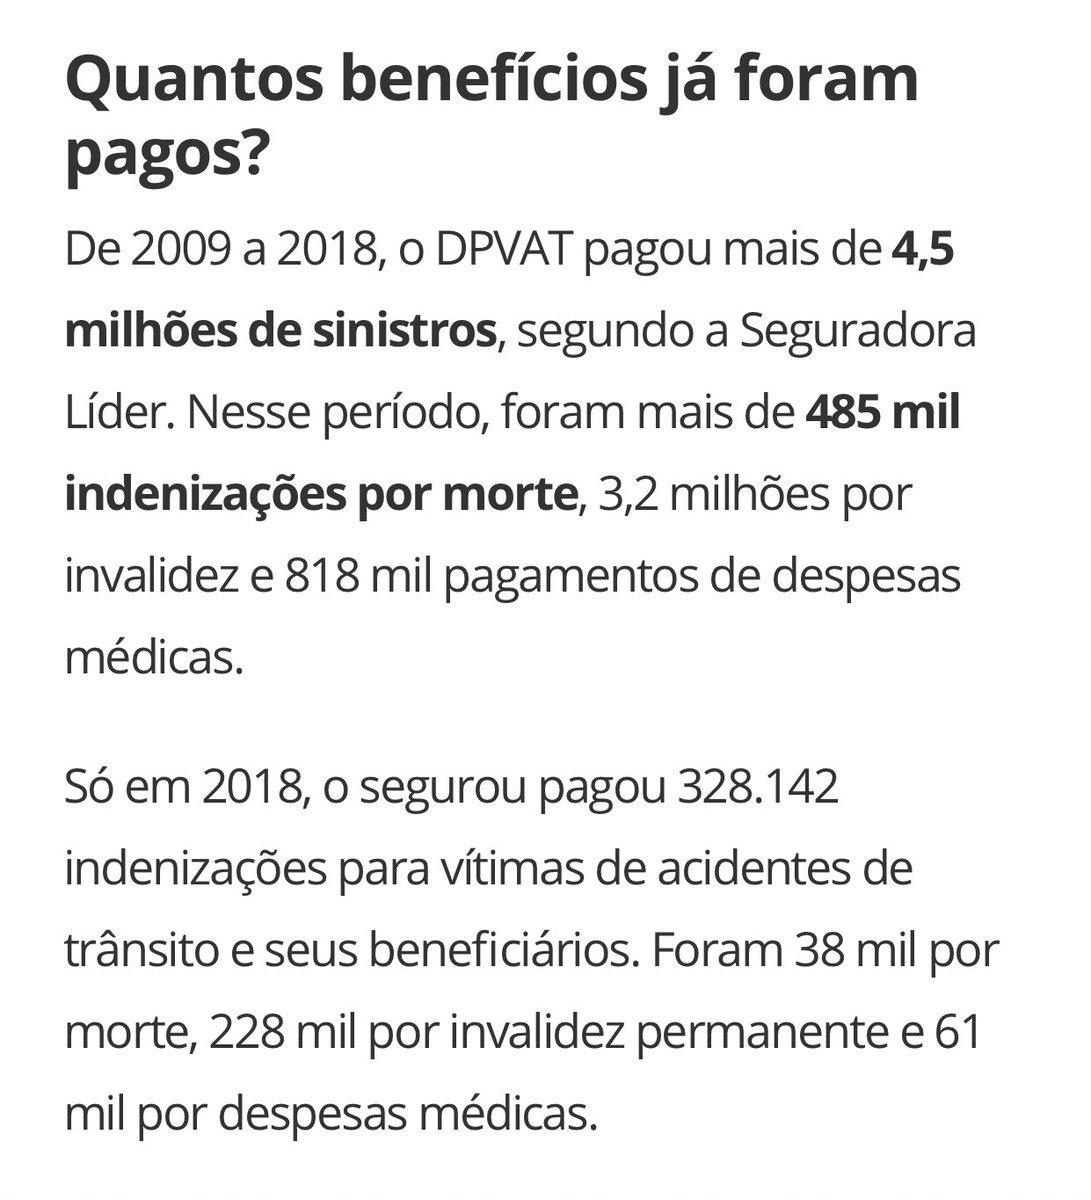 Foi isso aqui que o Bolsonaro JOGOU NO LIXO. A extinção do DPVAT e DPEM é um absurdo completo! São bilhões de reais retirados do SUS, que já sofre desesperadamente!